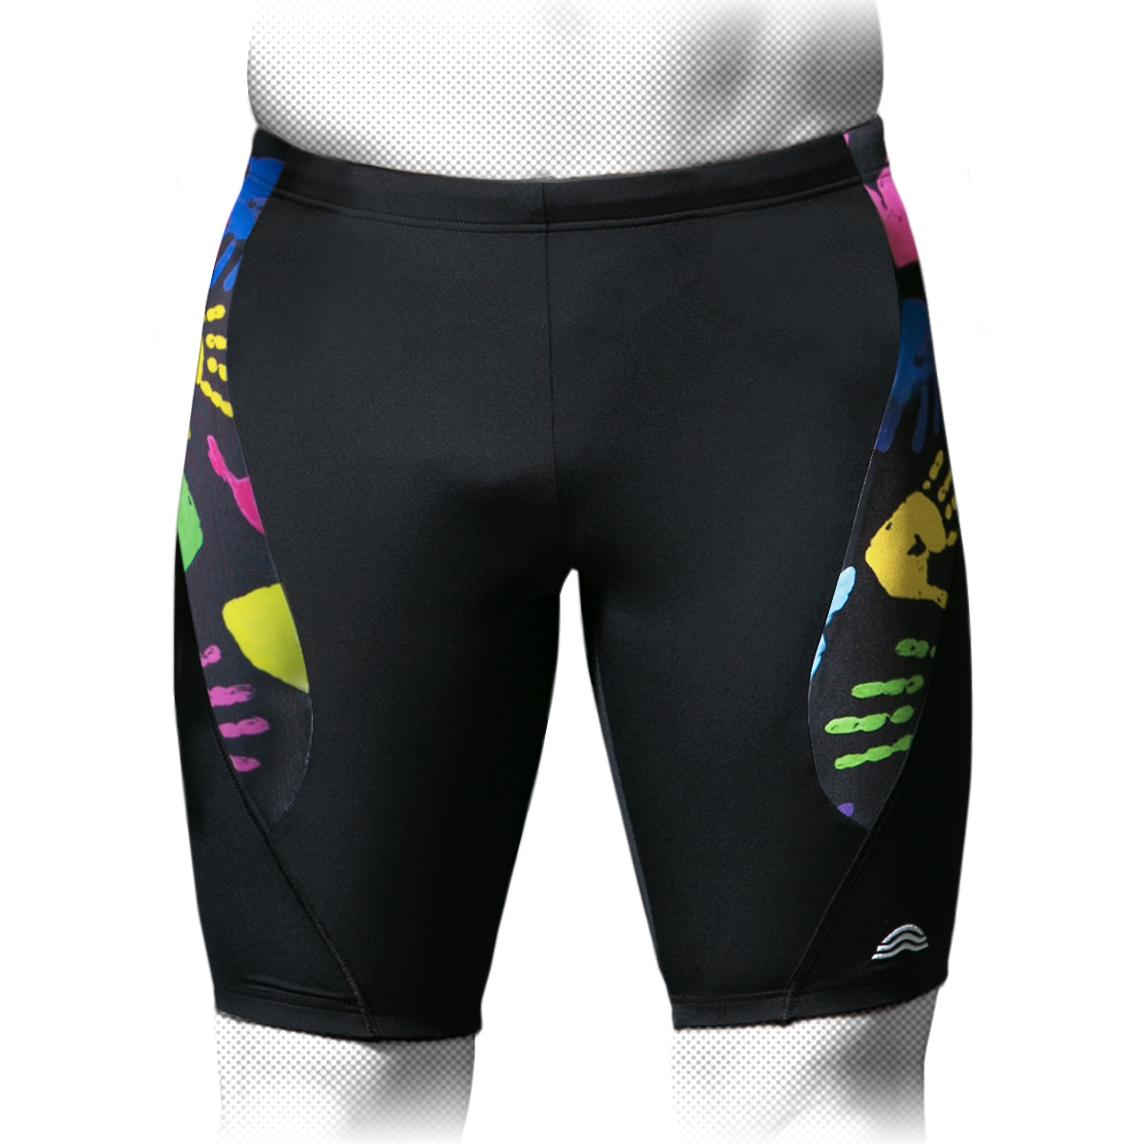 14914d9d4e83 Costumi uomo Shop | Aquarapid shop online